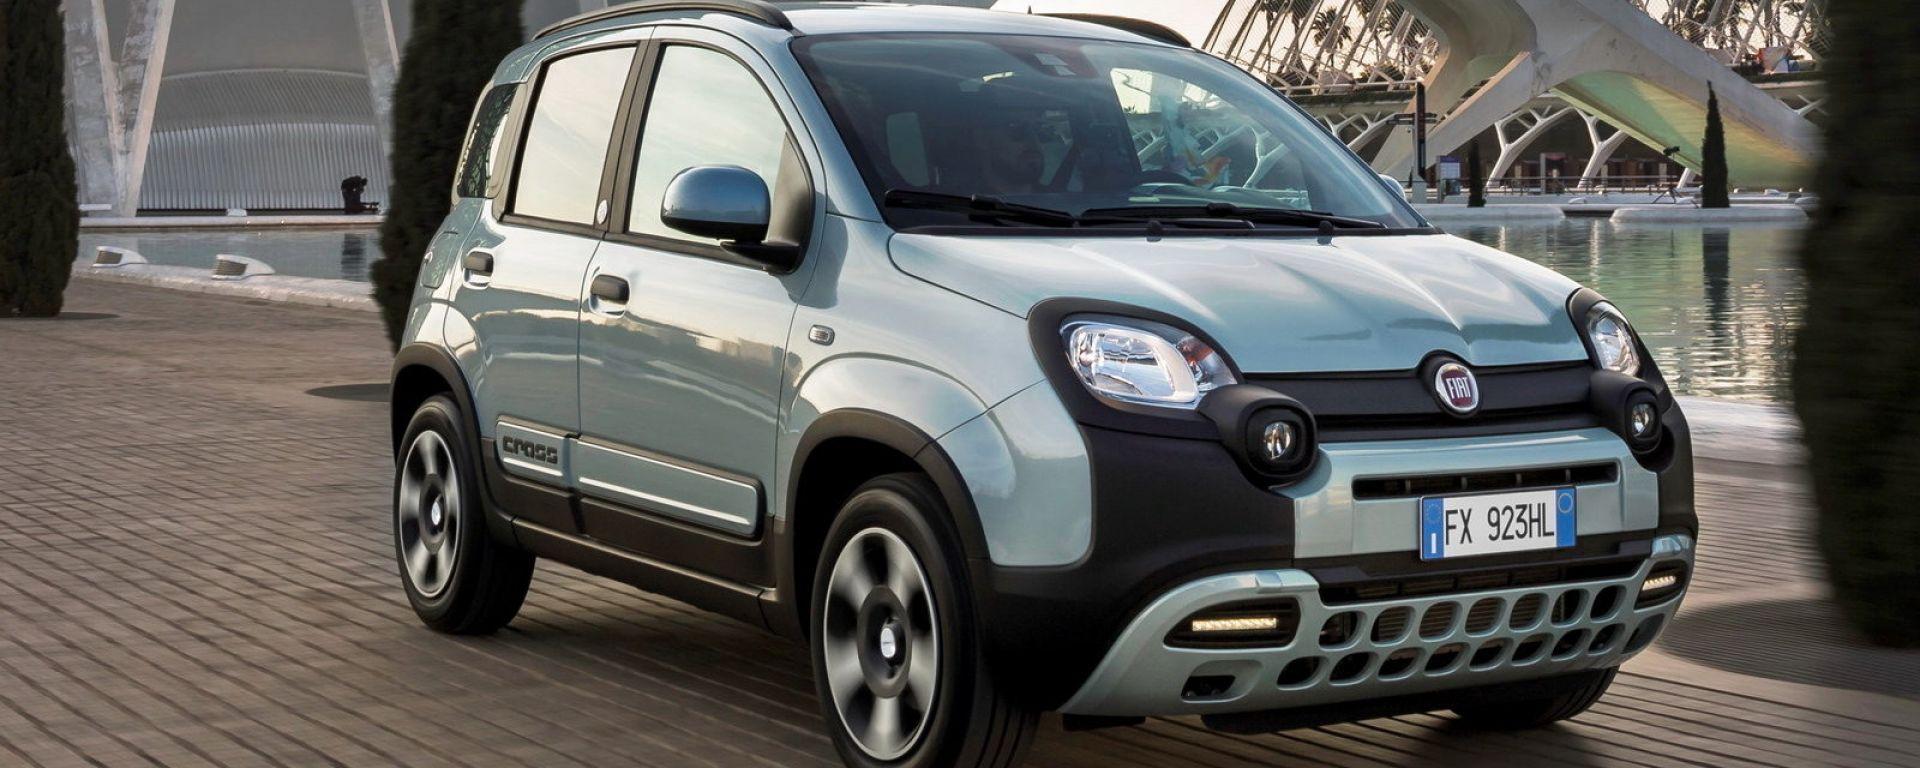 Nuova Fiat Panda Hybrid Launch Edition: l'elettrificazione democratica del Gruppo FCA